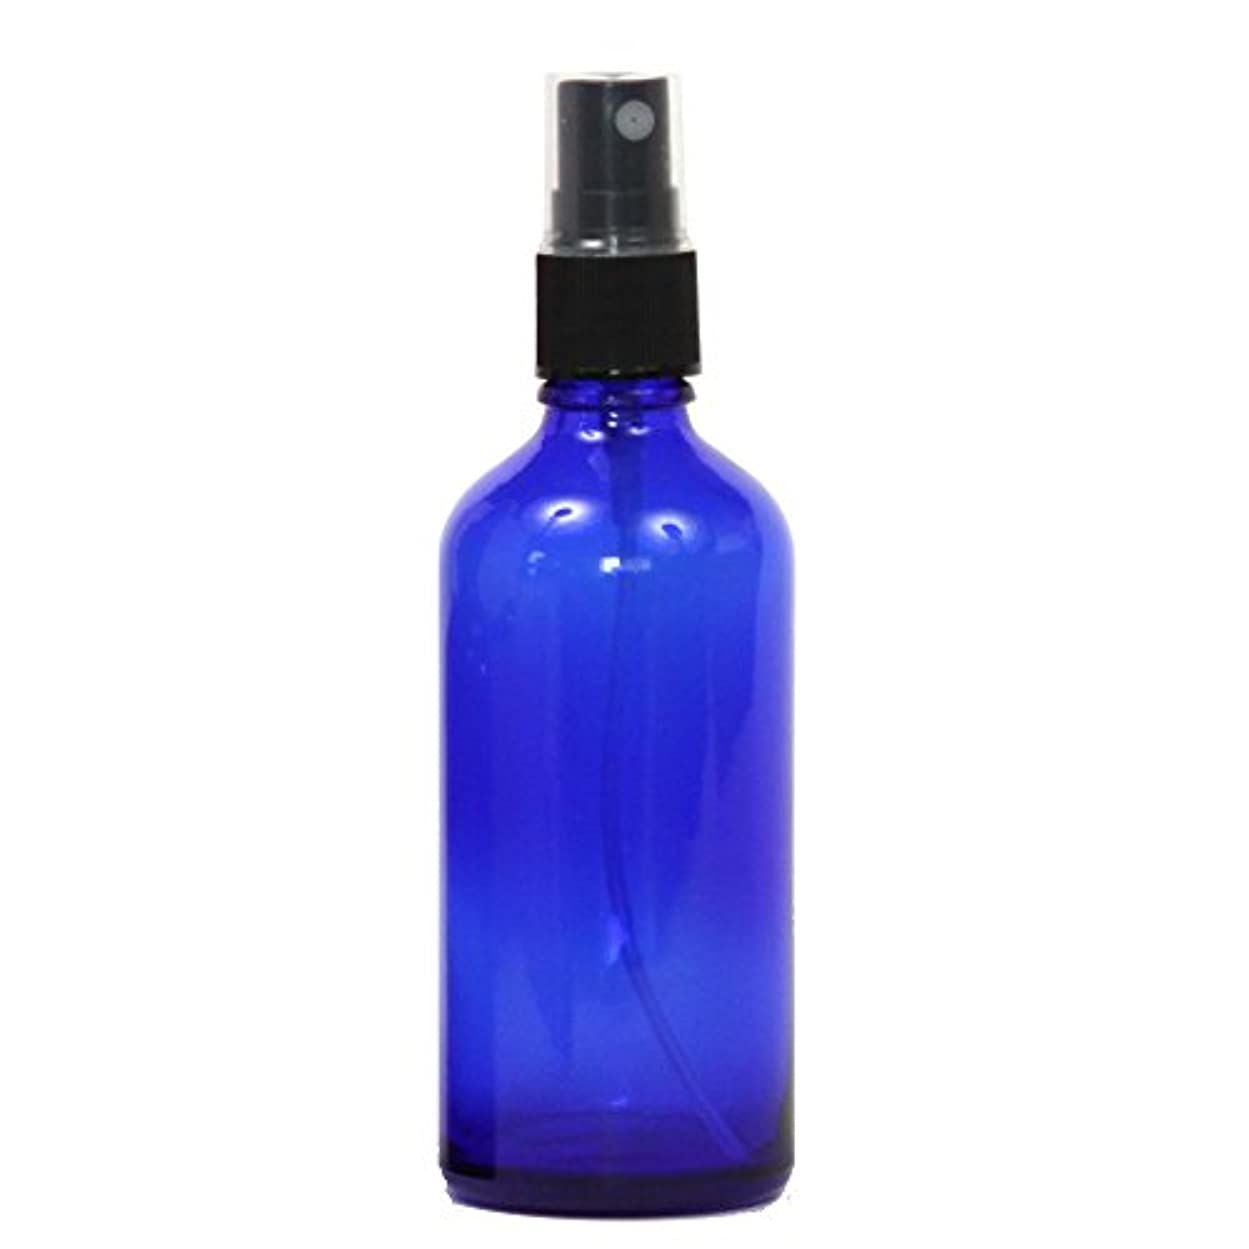 信仰六分儀熟達したスプレーボトル ガラス瓶 100mL 【コバルト 青色】 遮光性 ブルーガラスアトマイザー 空容器bu100g